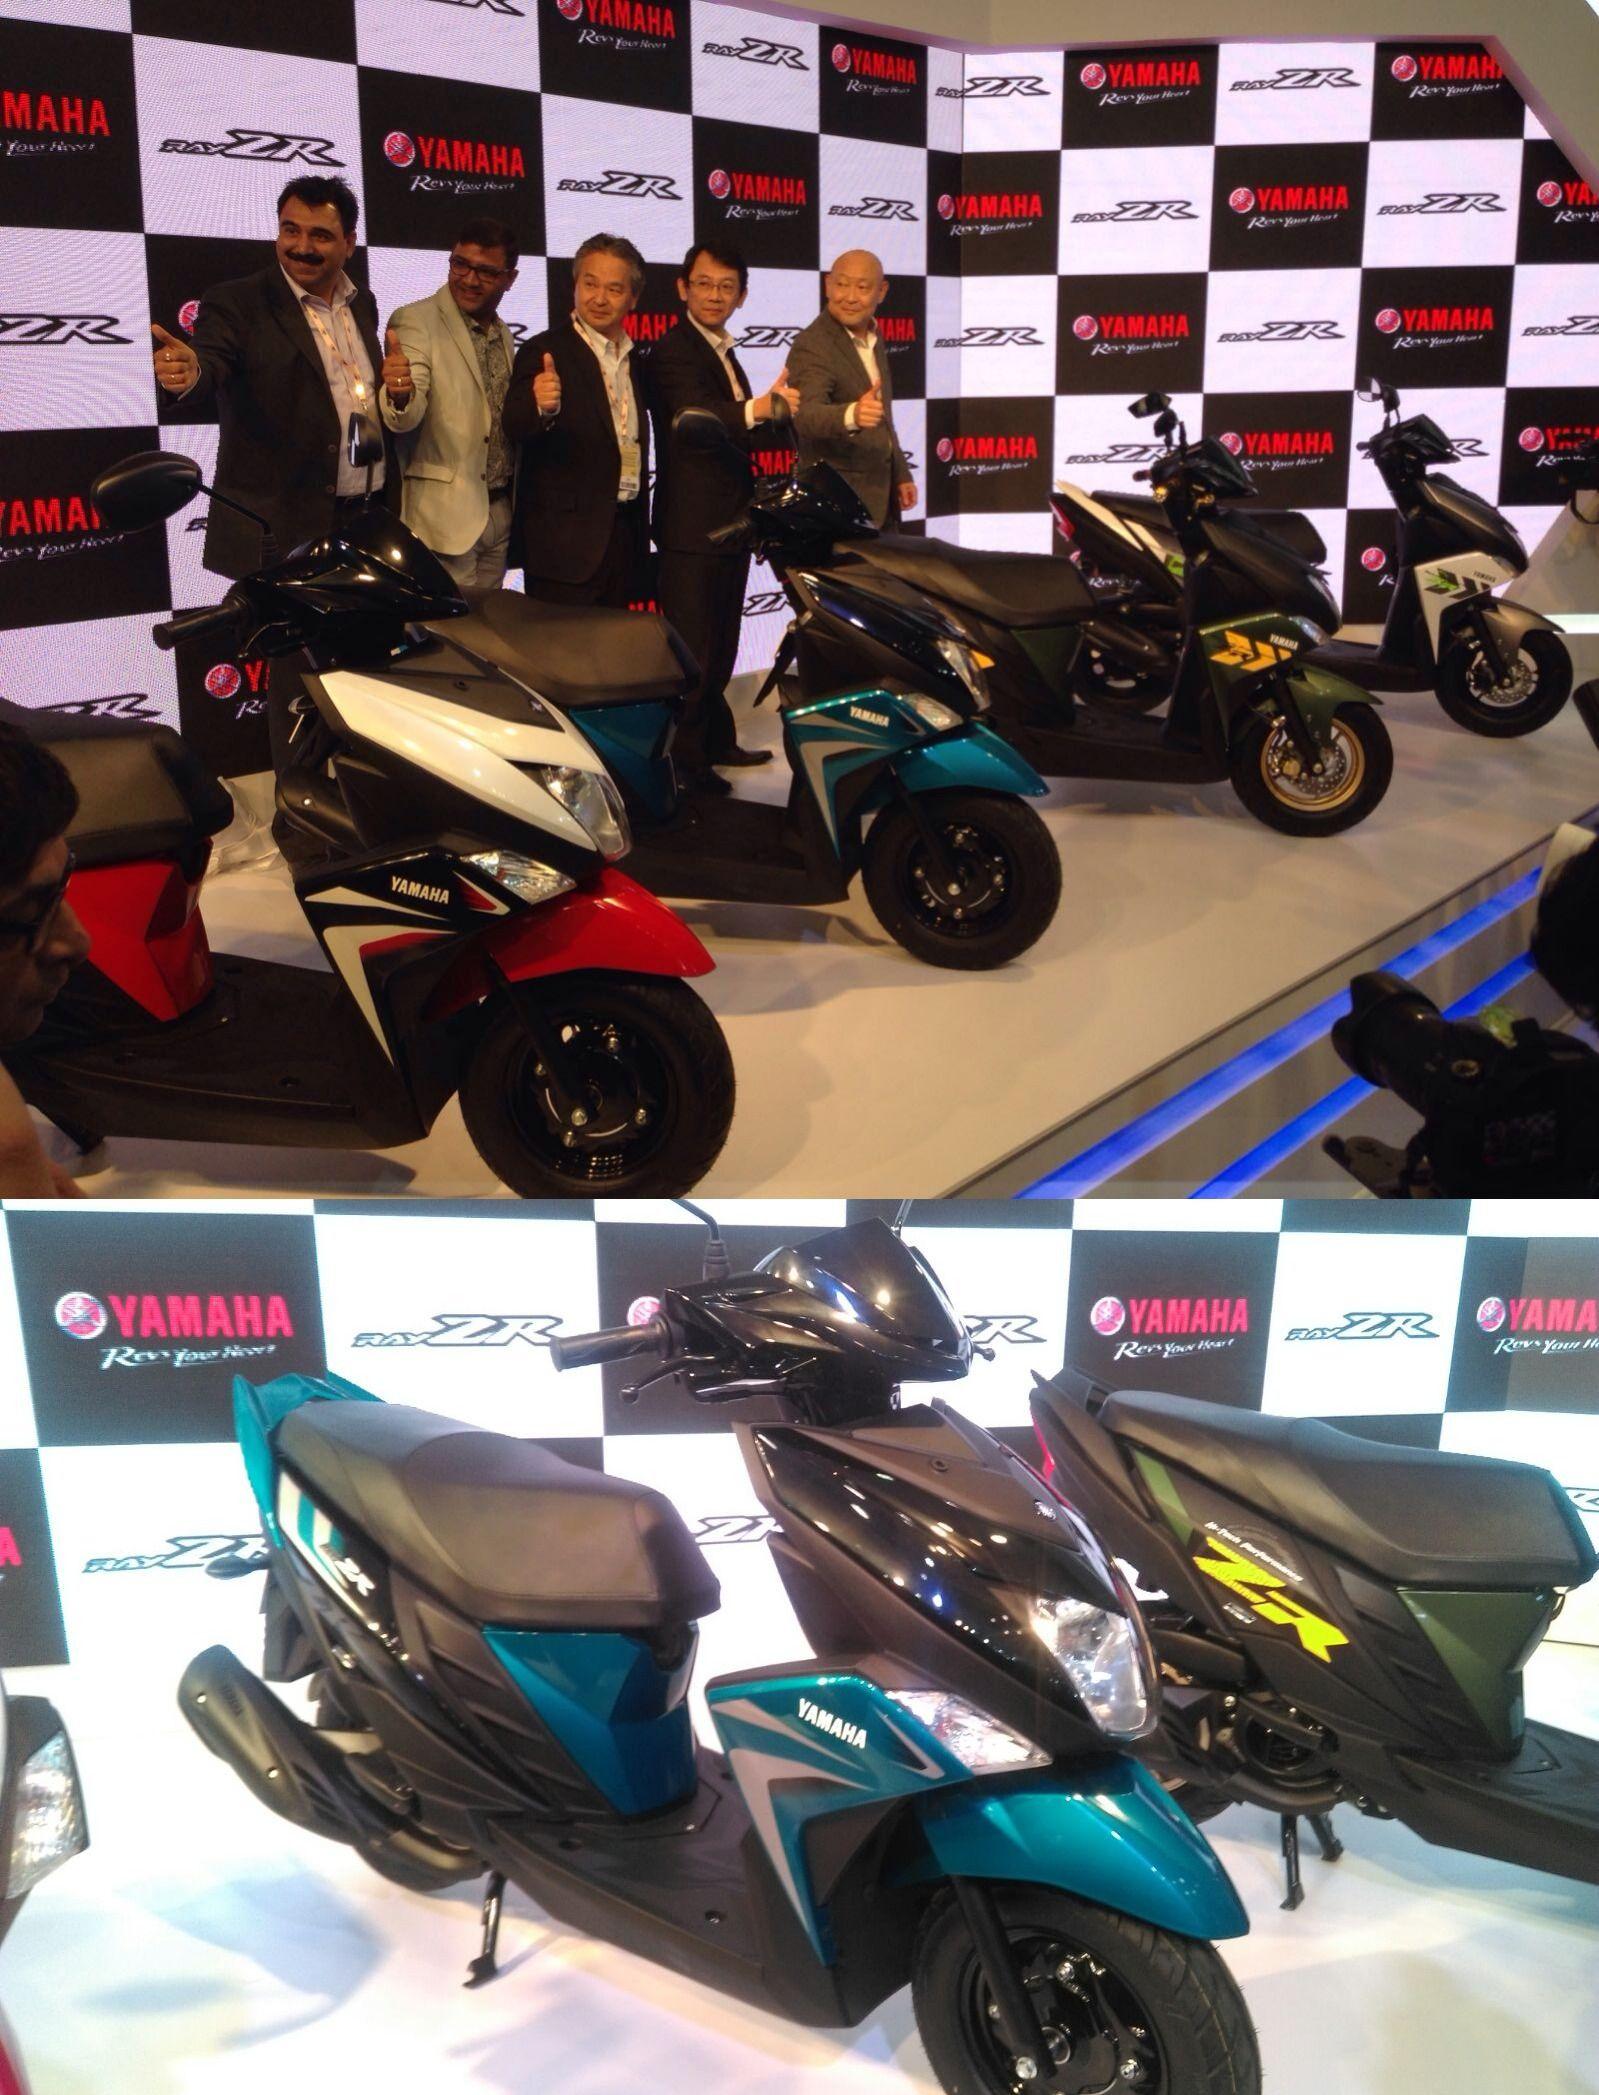 Yamaha motorcycle gloves india -  Autoexpo2016 Live Updates Yamaha Motor India Introduce Rayzr Line Up